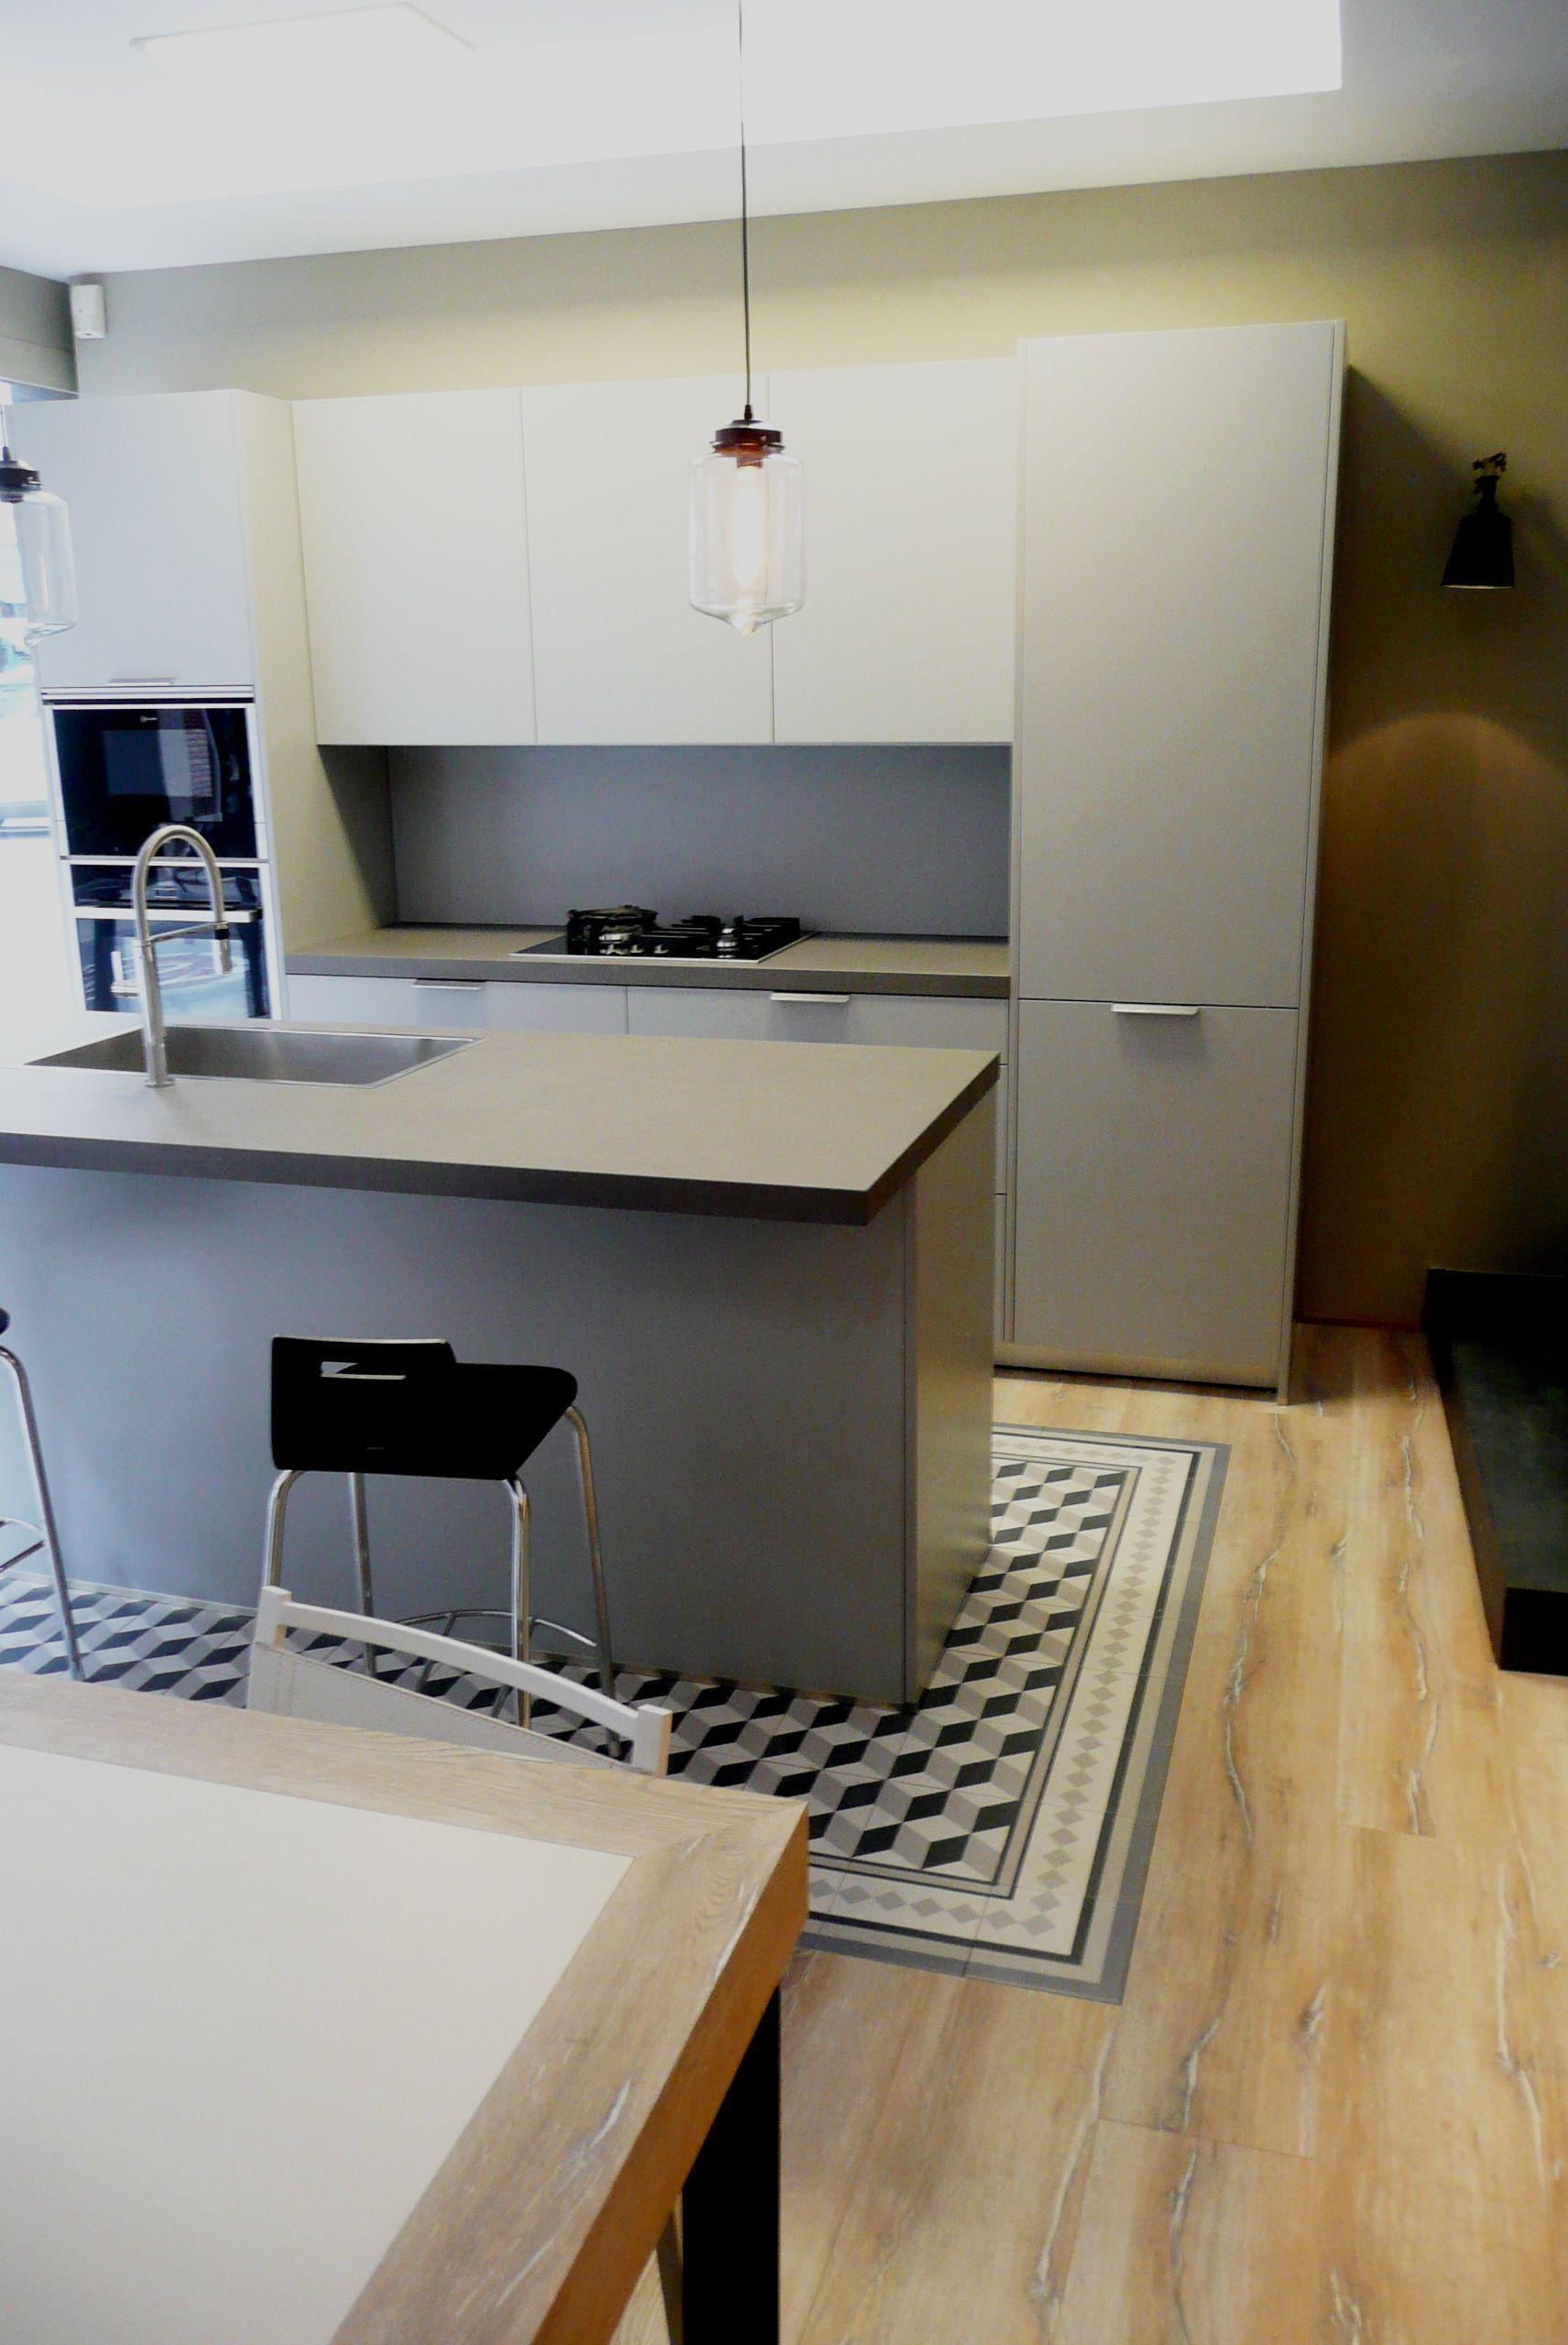 Santos cocina en color gris piedra modelo ariane2 con - Suelos para cocinas ...